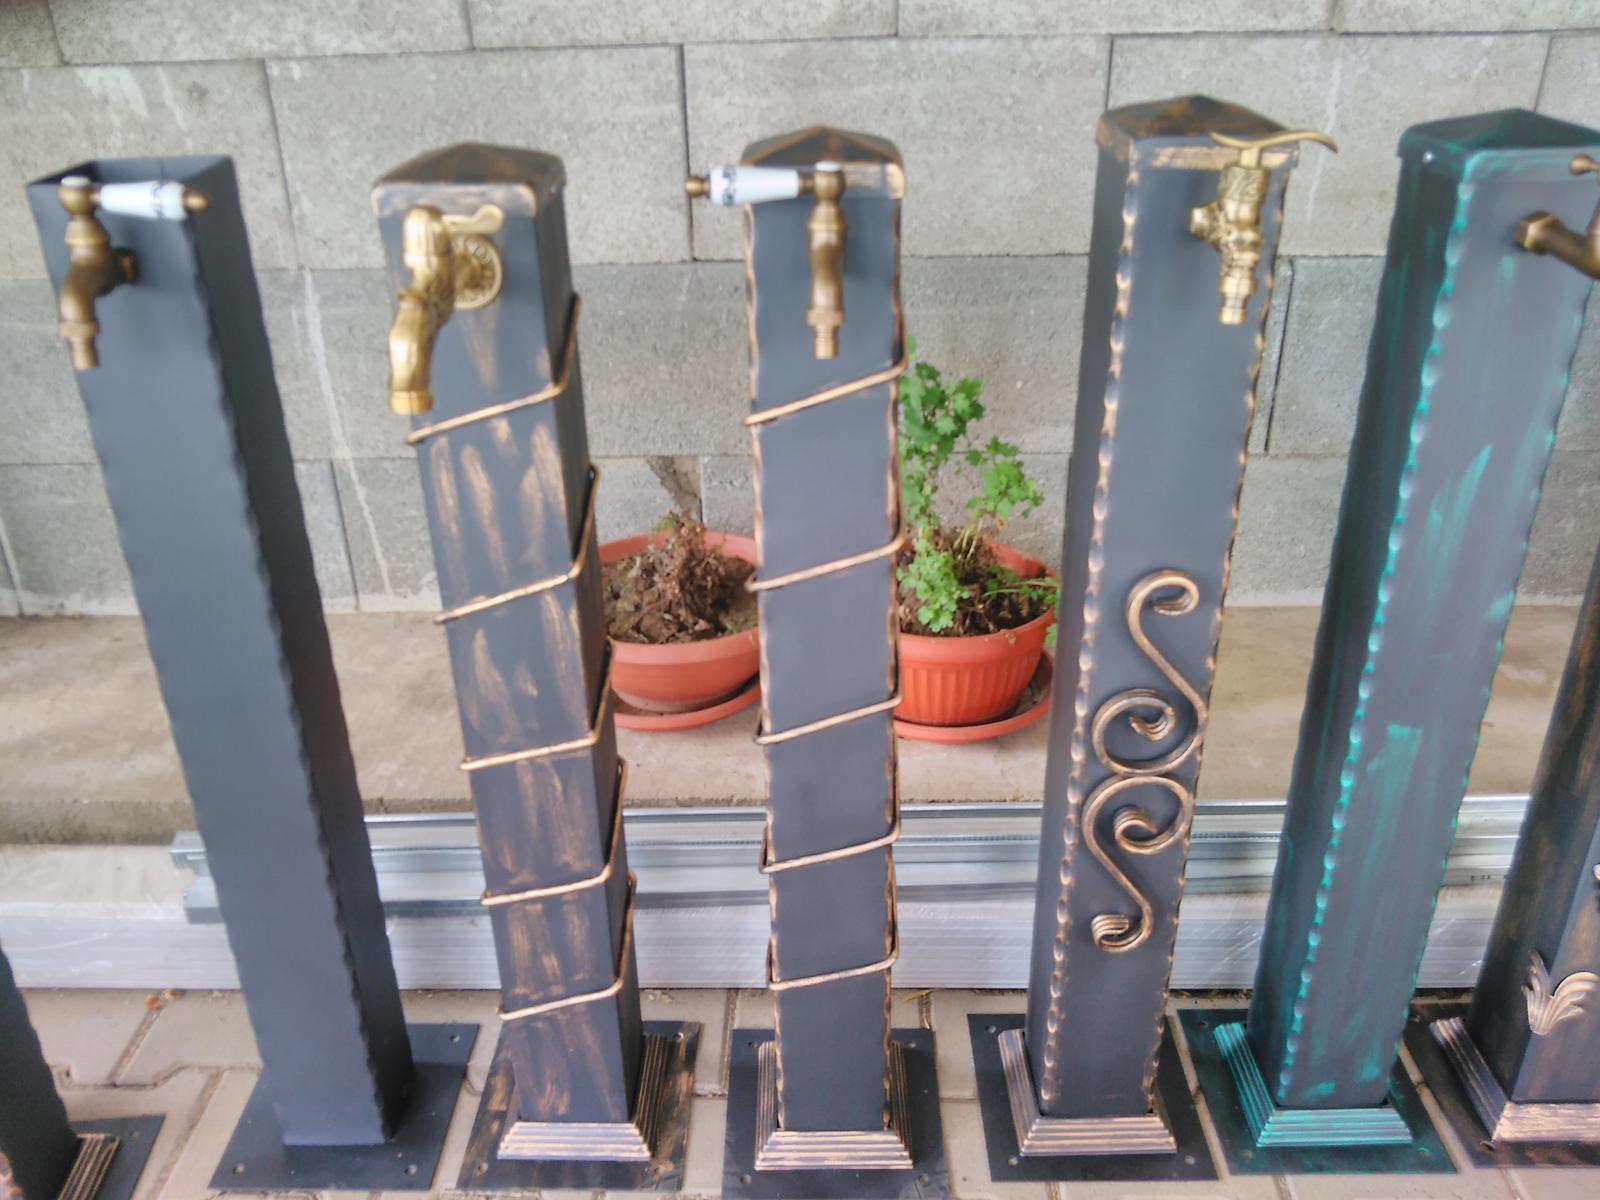 záhradný vodovodny stojan - Obrázok č. 1